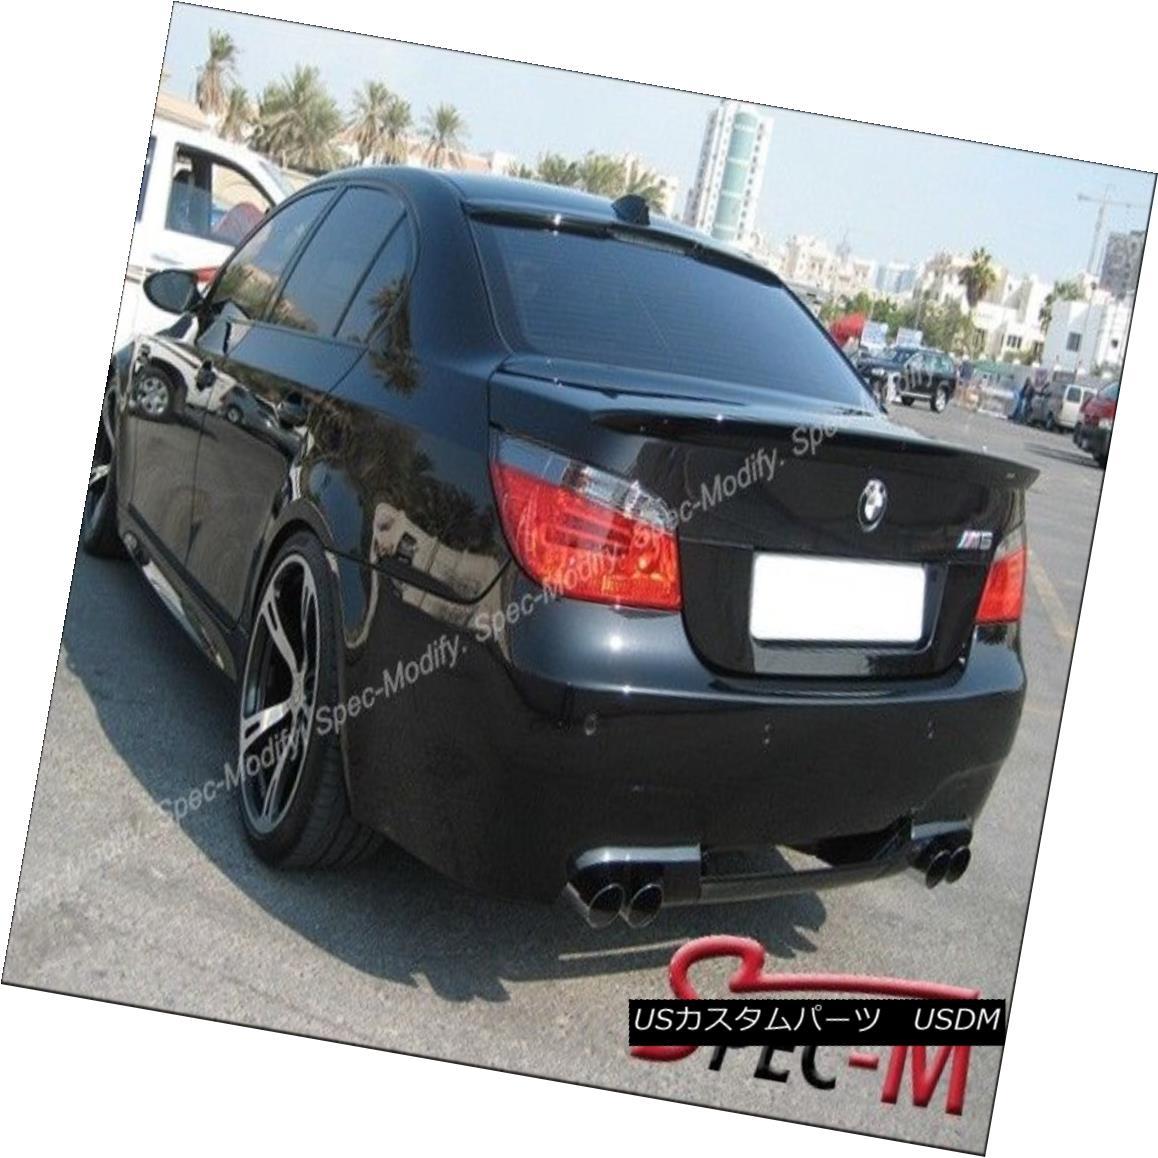 エアロパーツ Painted 475 Sap Black AC Type Trunk Spoiler Roof Wing BMW 2004-2010 535i 550i M5 塗装済み475 Sap Black ACタイプトランク・スポイラールーフウィングBMW 2004-2010 535i 550i M5